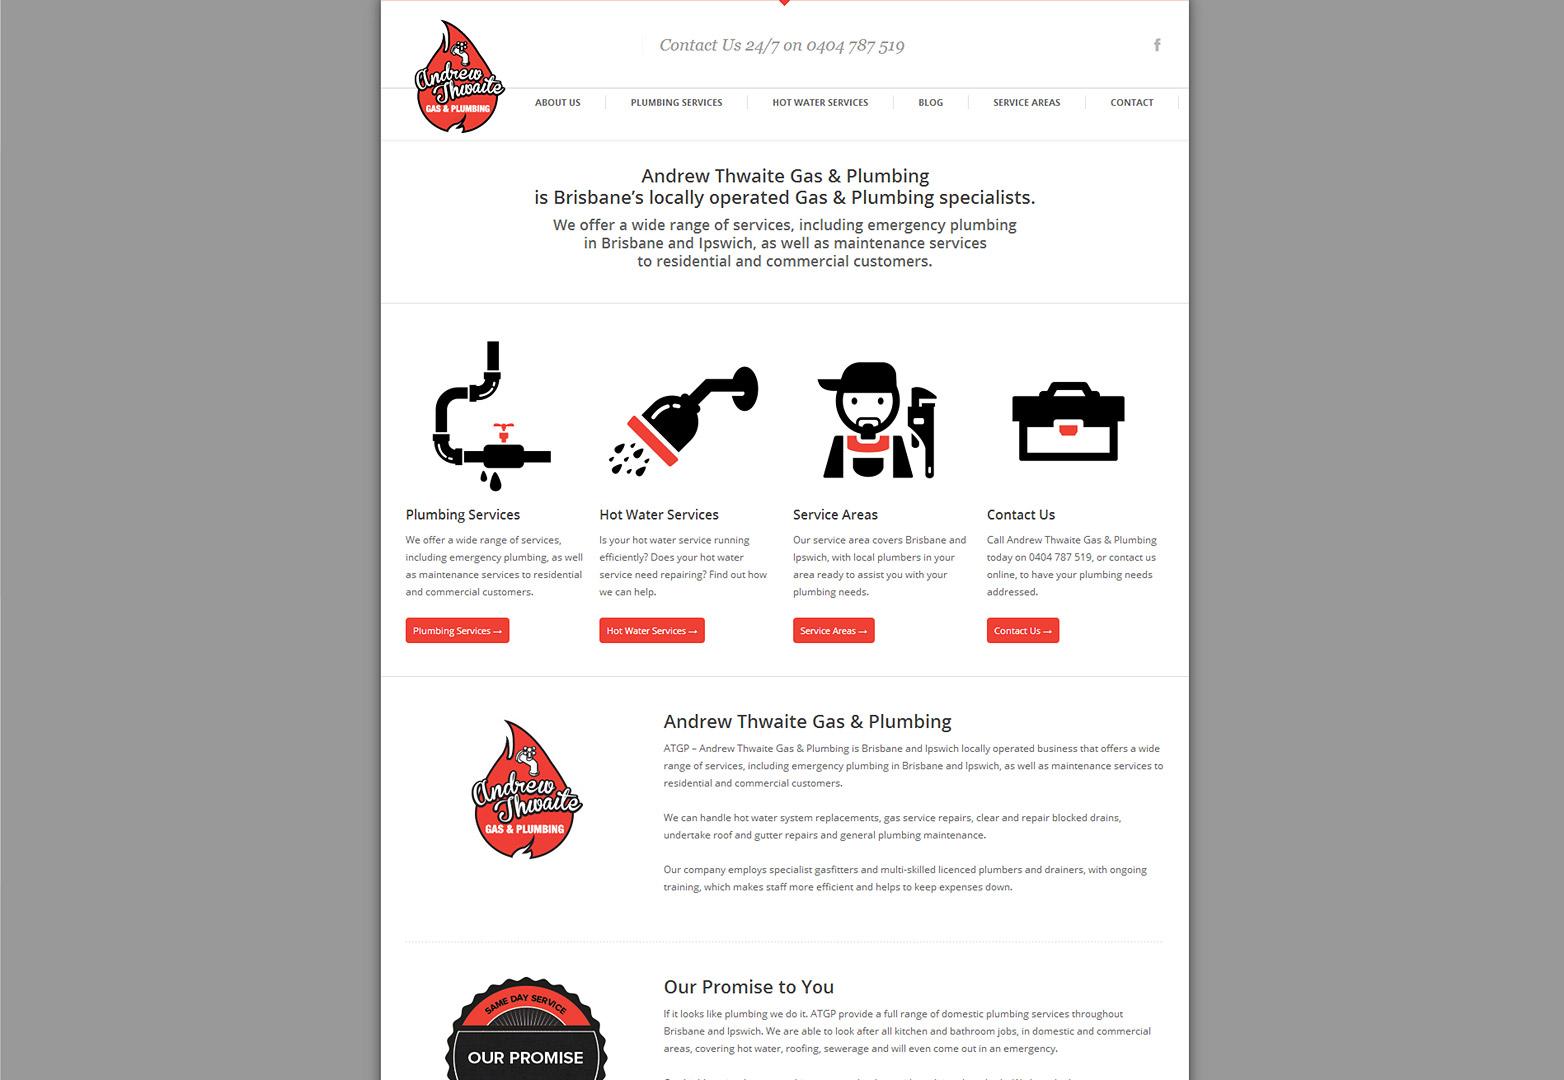 Andrew Thwaite homepage